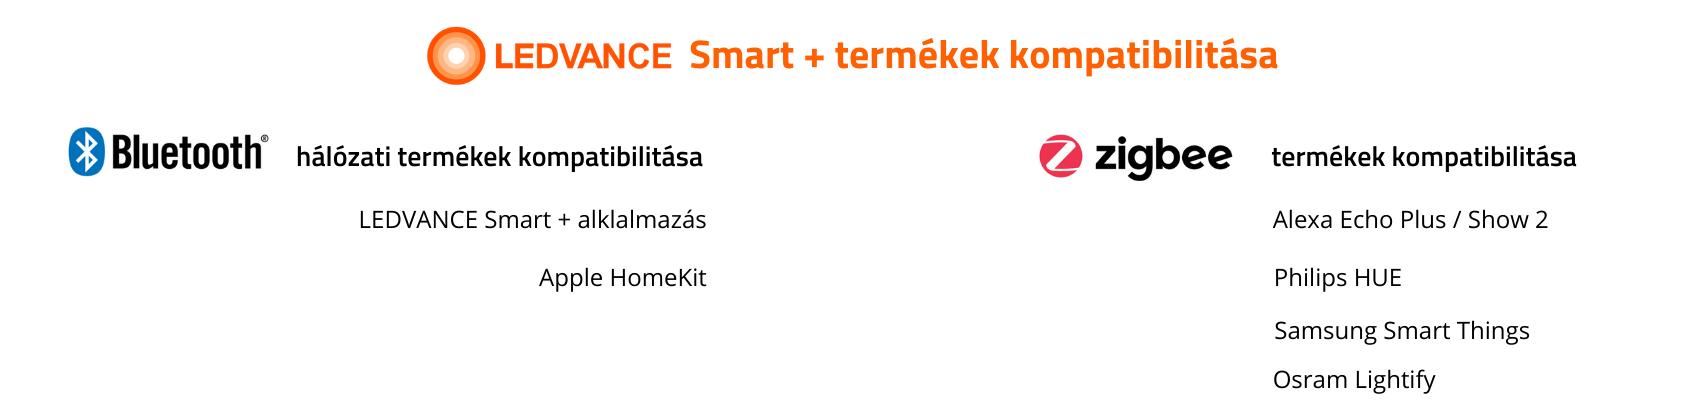 Ledvance Smart kompatibilis termékek és app-ok